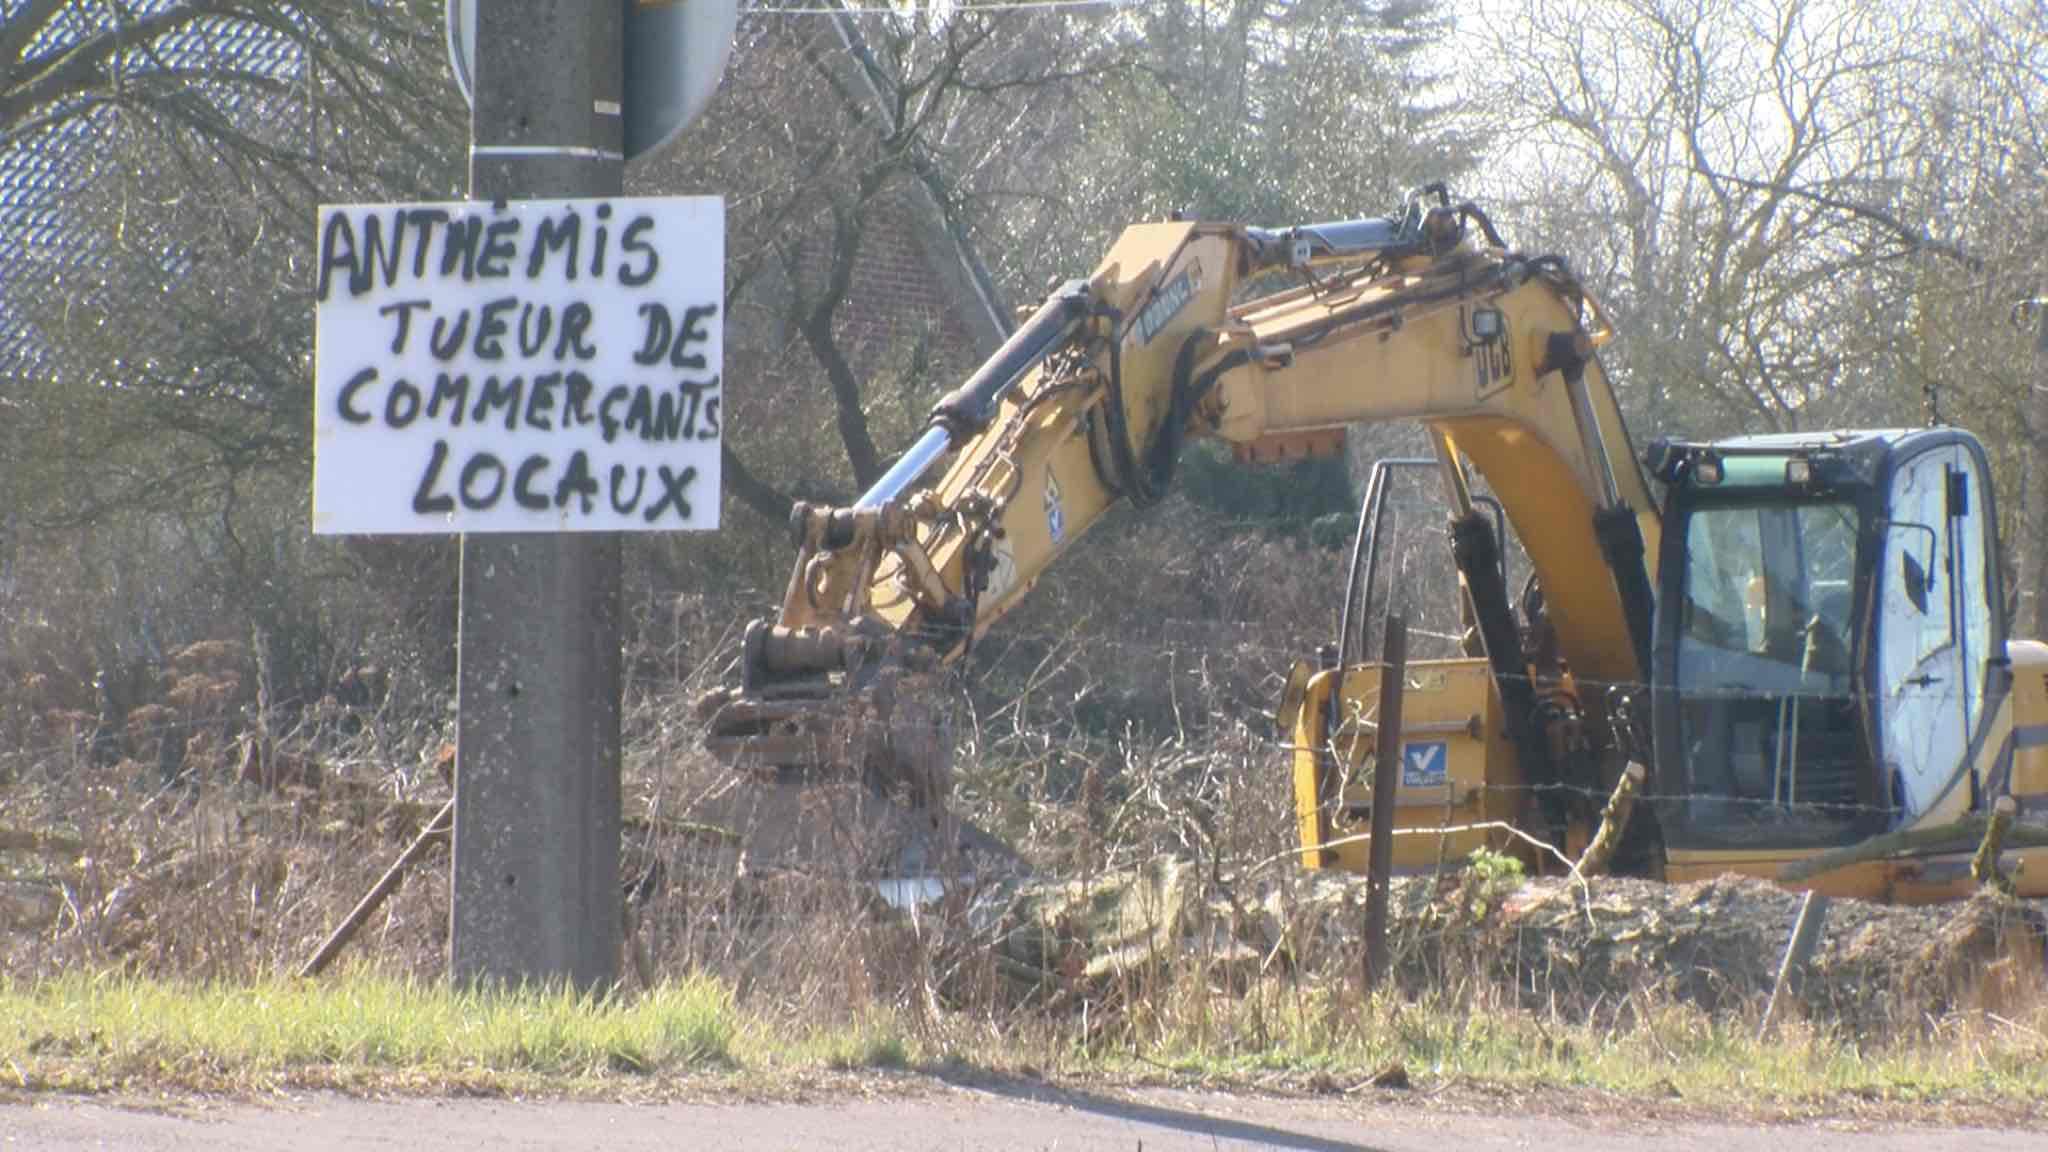 Les riverains s'opposent au projet de construction d'une jardinerie Anthemis